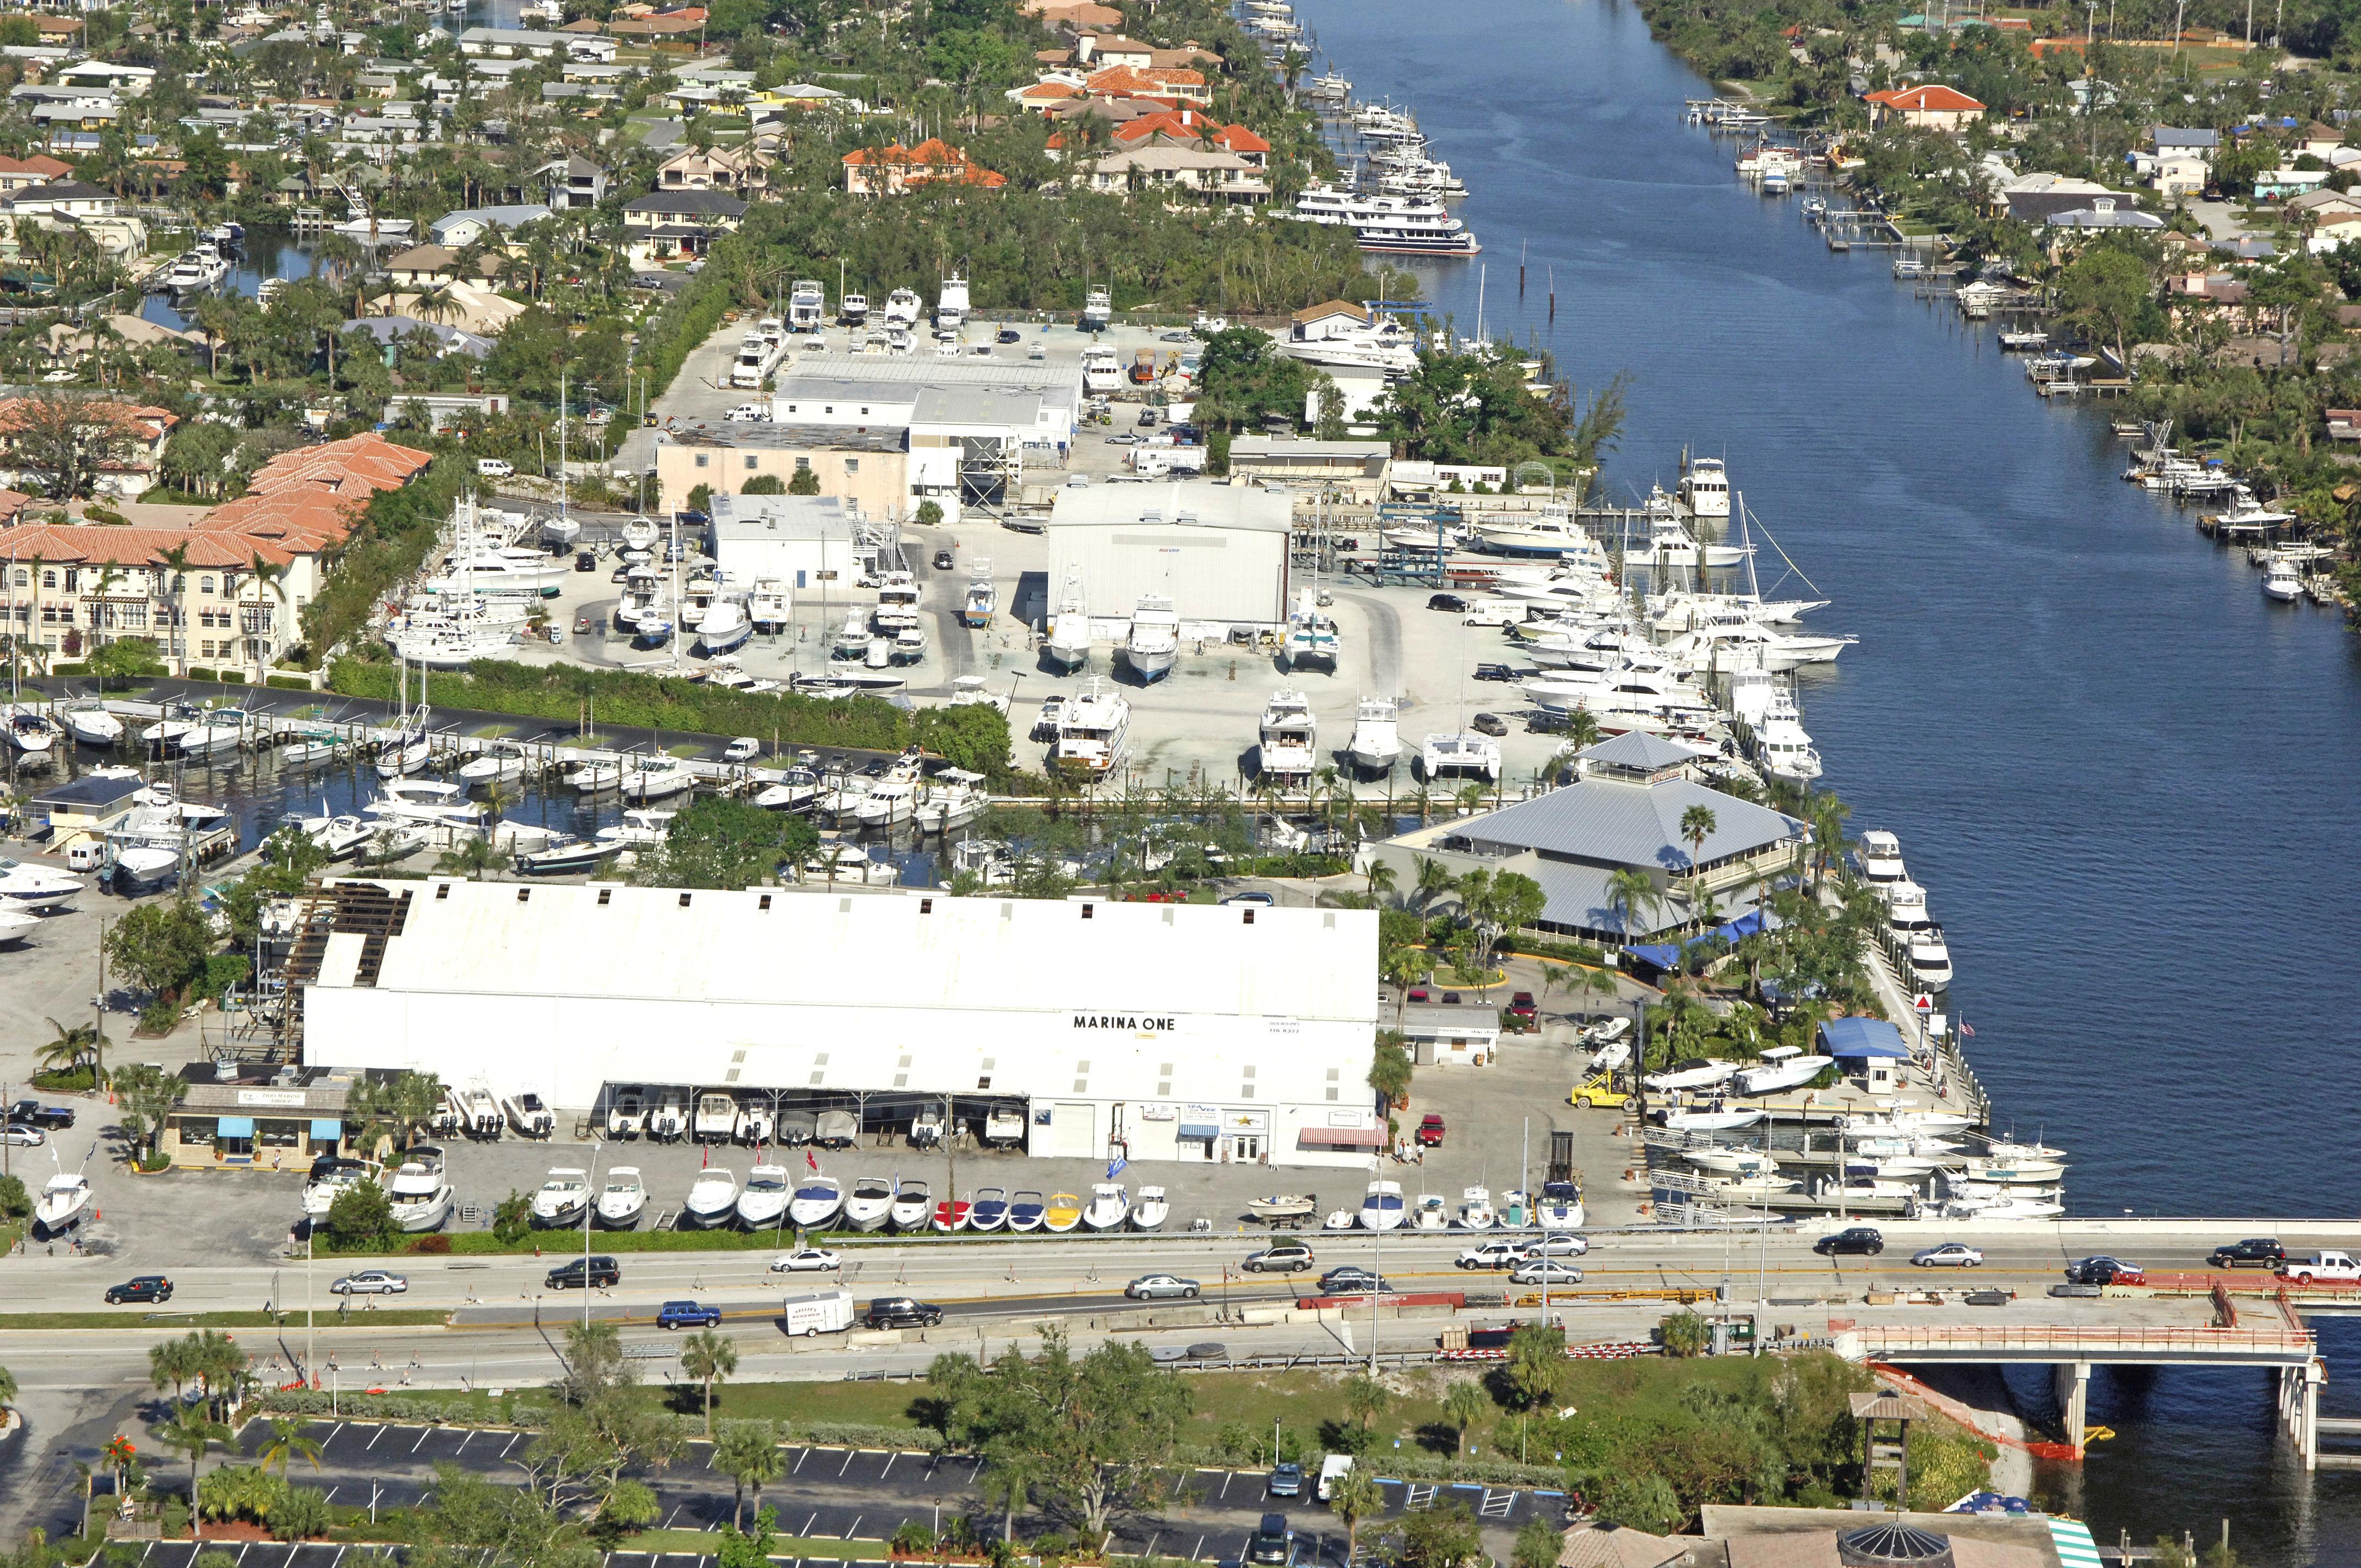 Seminole marine in palm beach gardens fl united states - Weather palm beach gardens florida ...